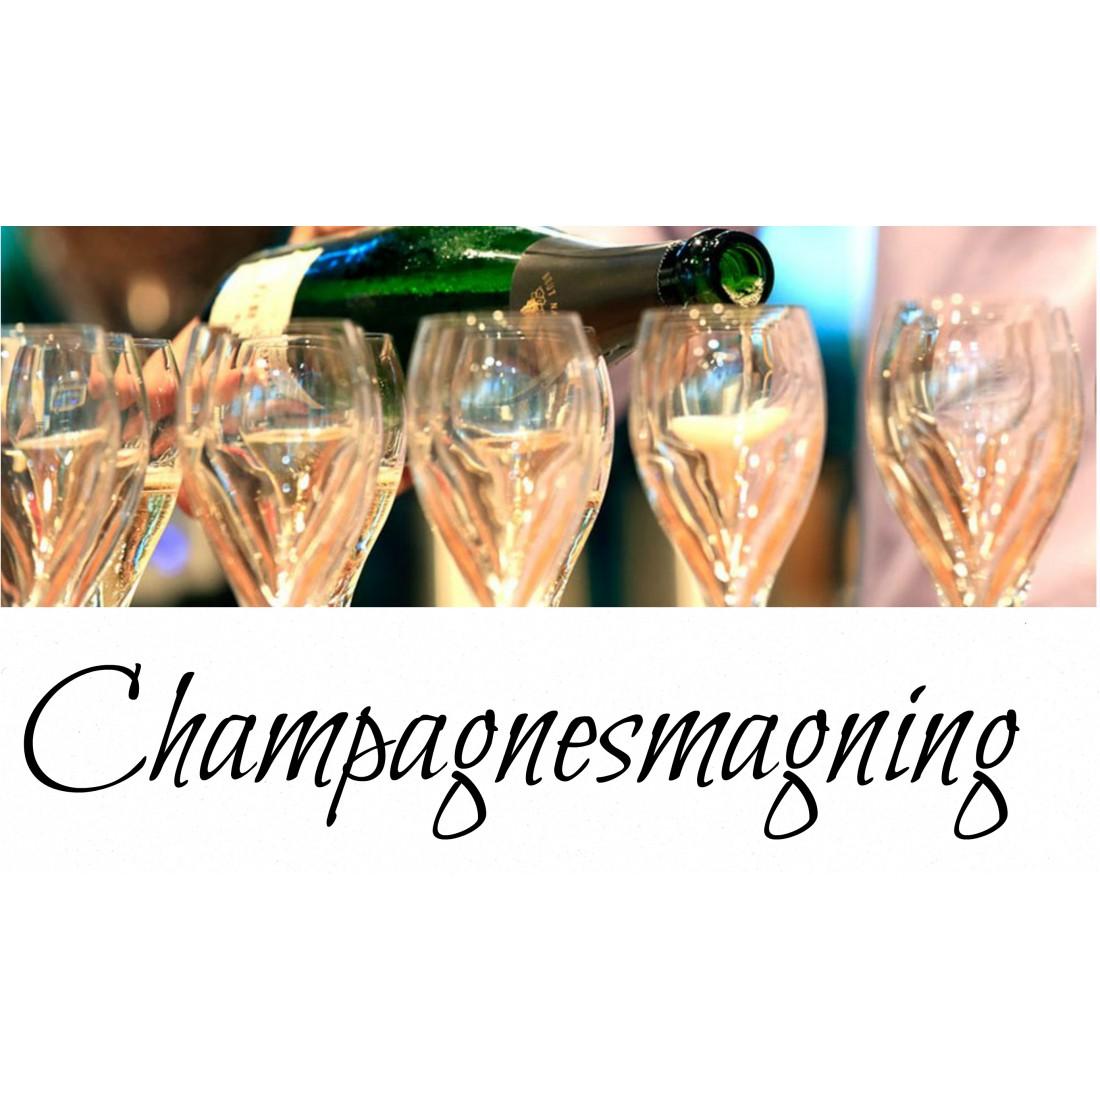 Champagnesmagning lørdag den 14 december kl. 19.00 I ChampagneKælderen-31